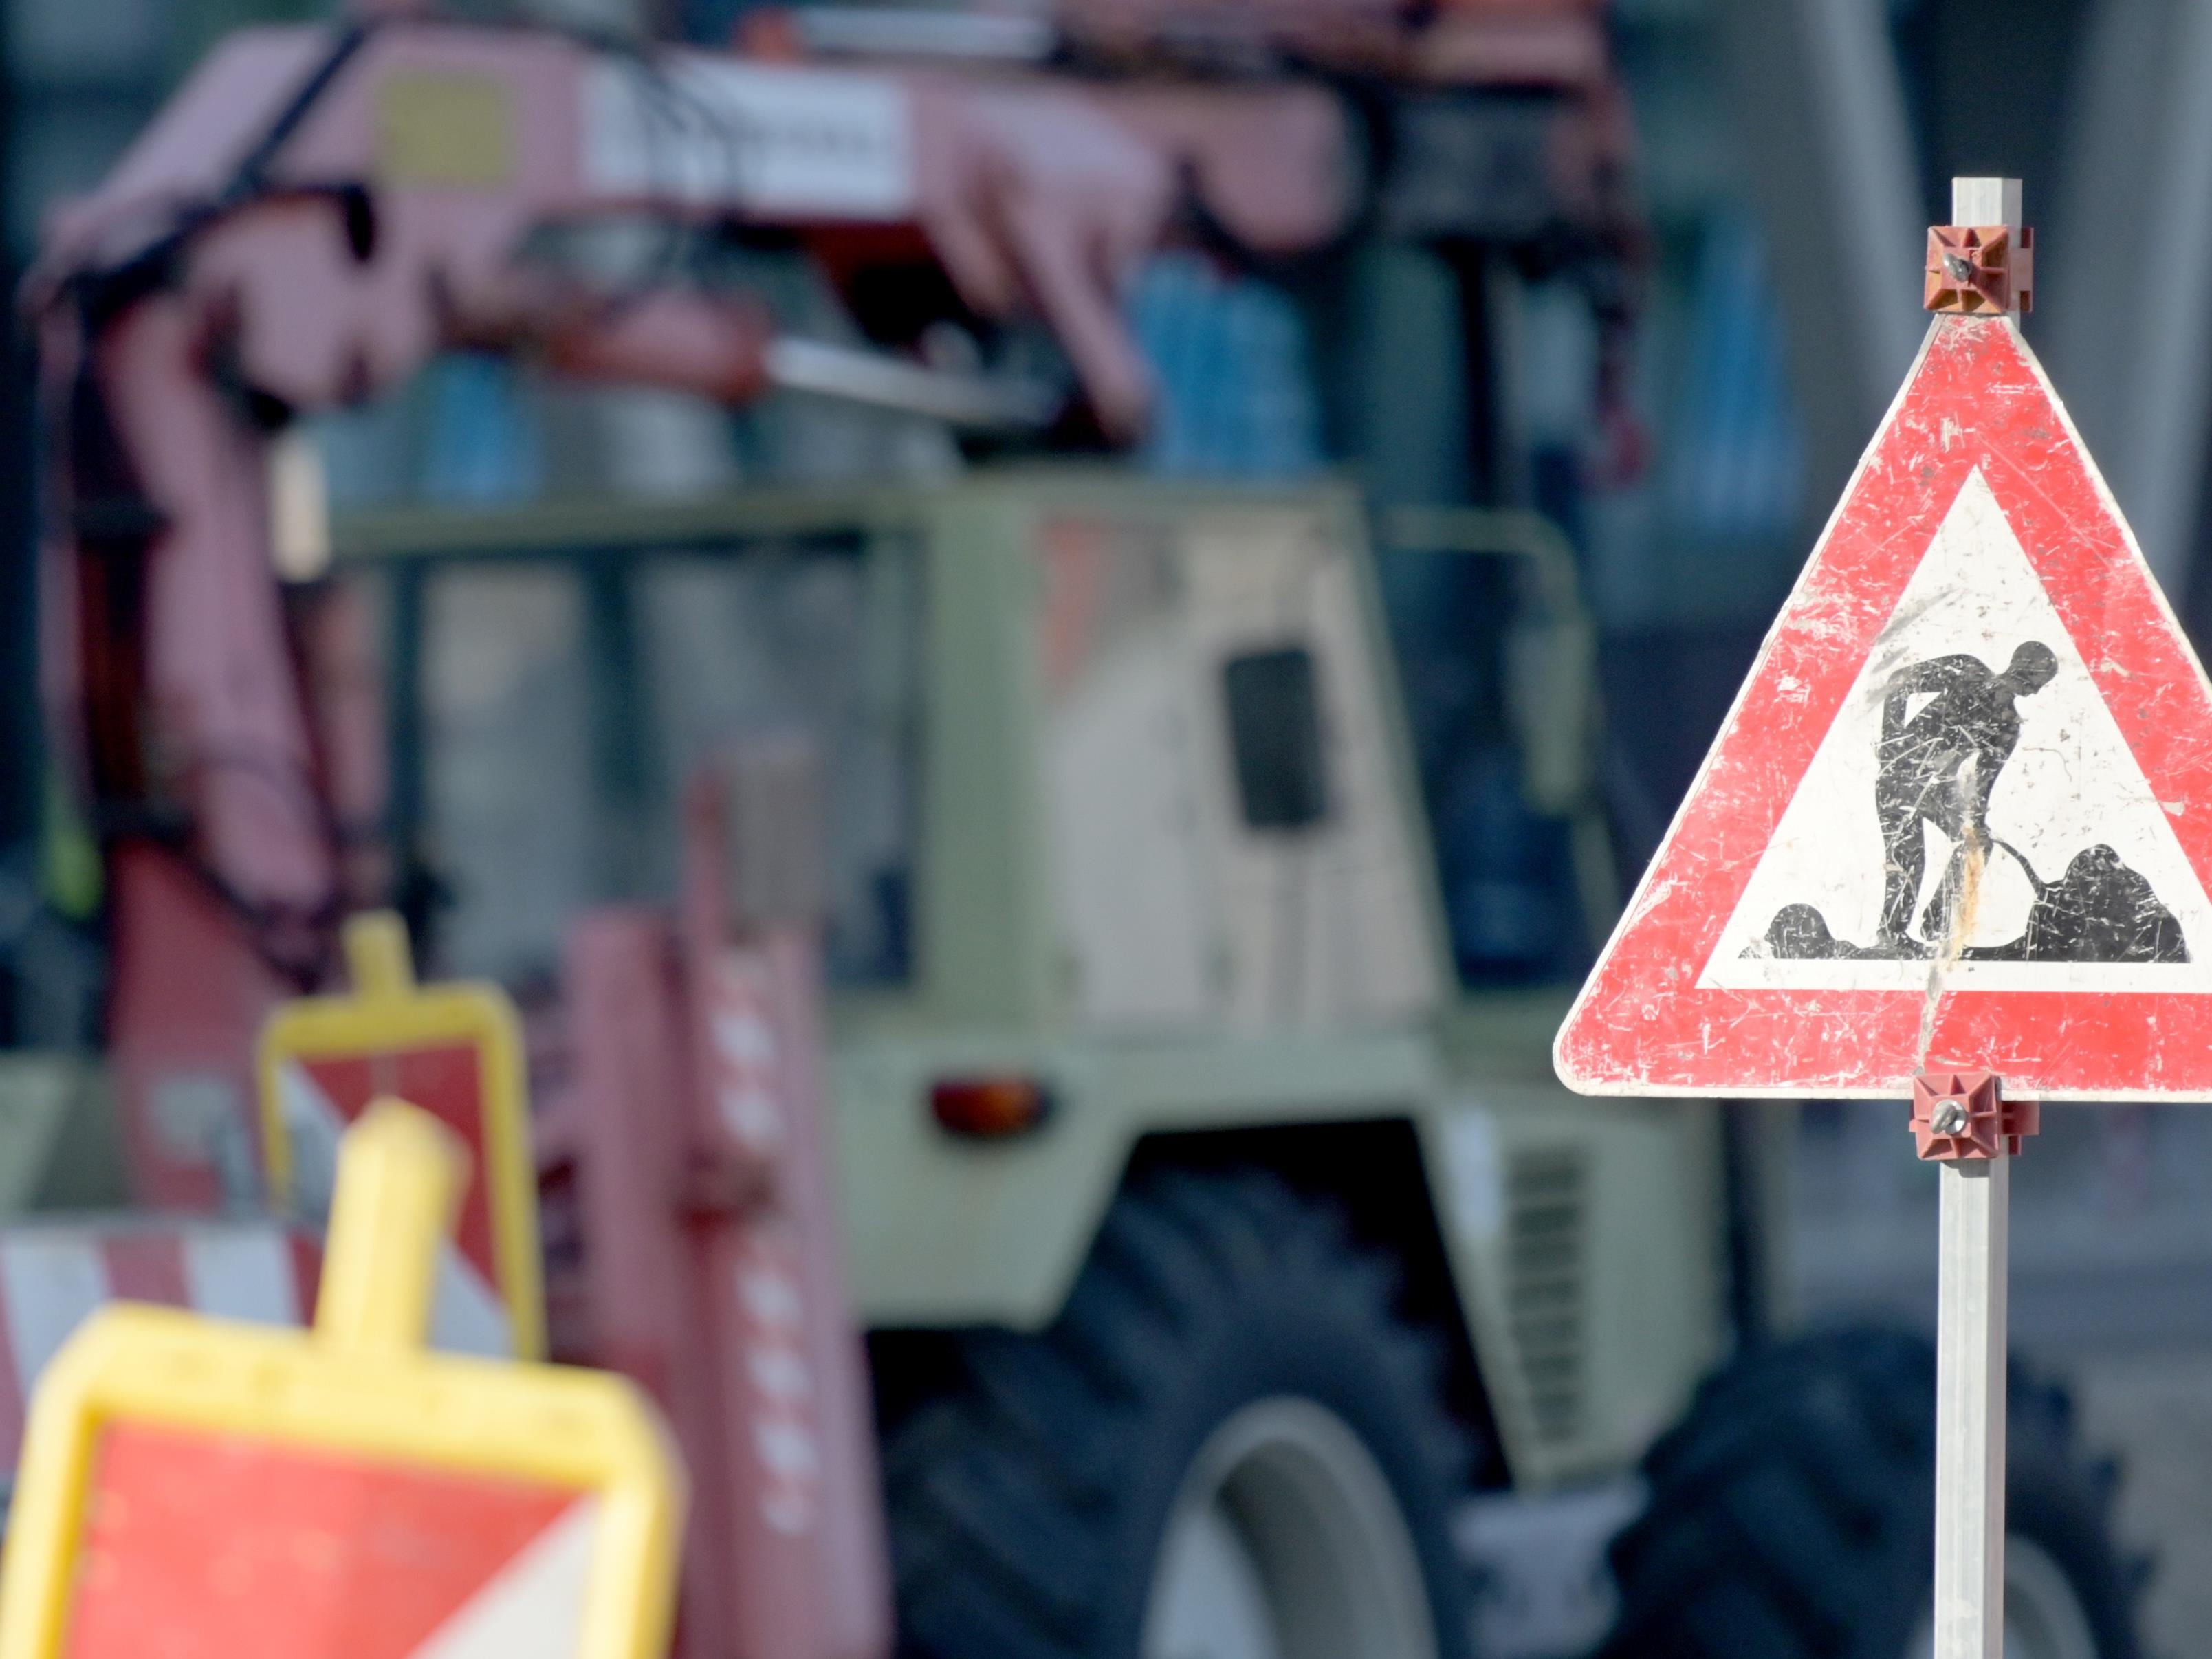 Die Bauarbeiten dauern voraussichtlich bis 6. November.